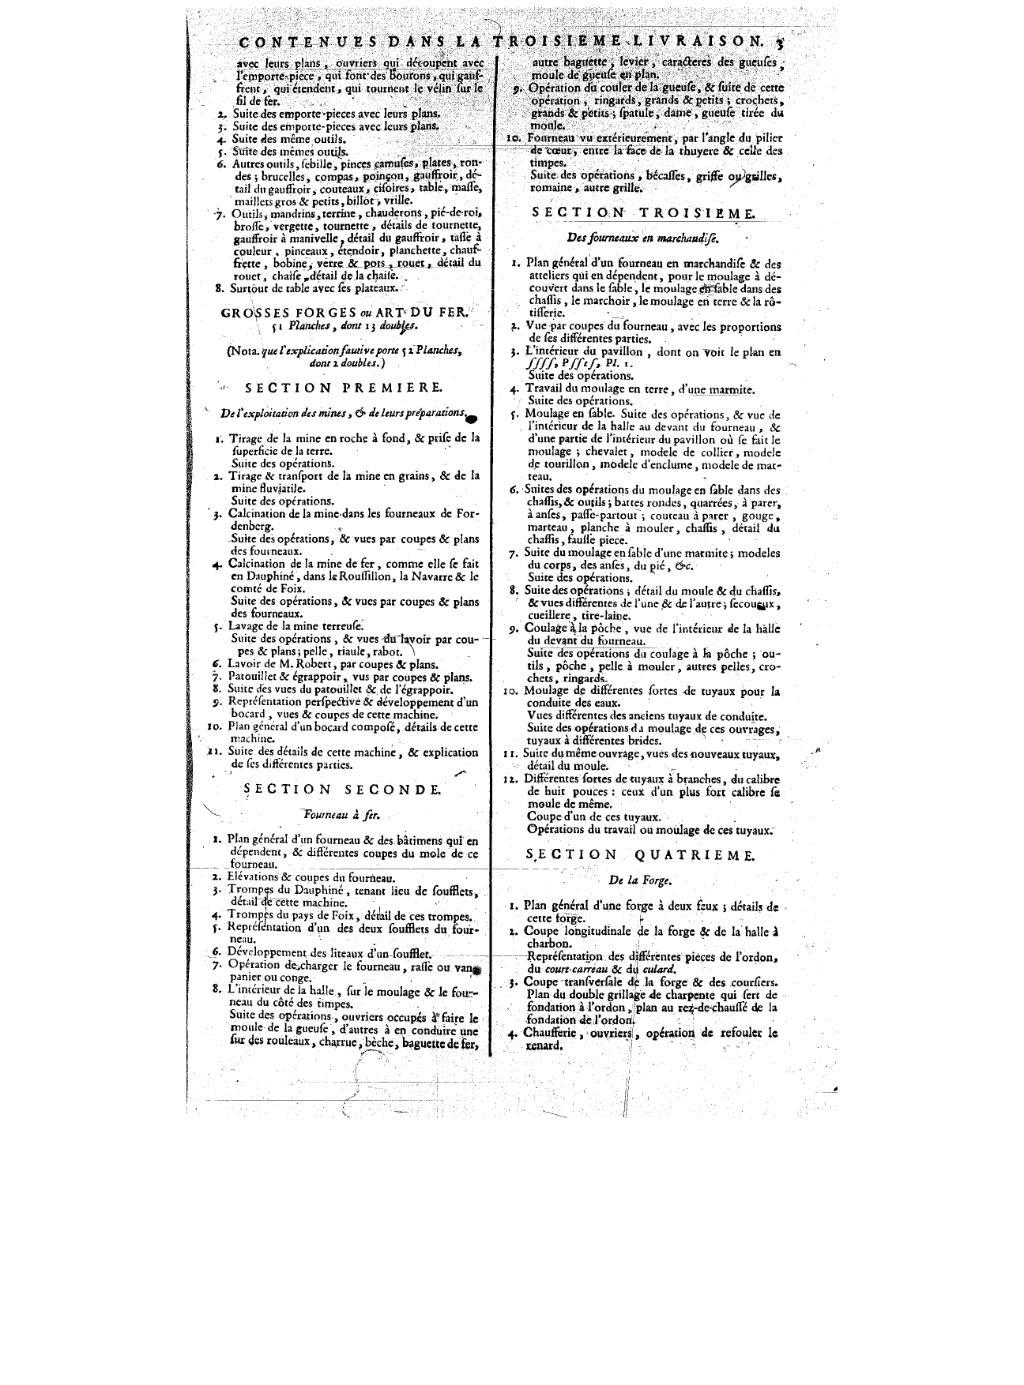 encyclopedie 2 vu